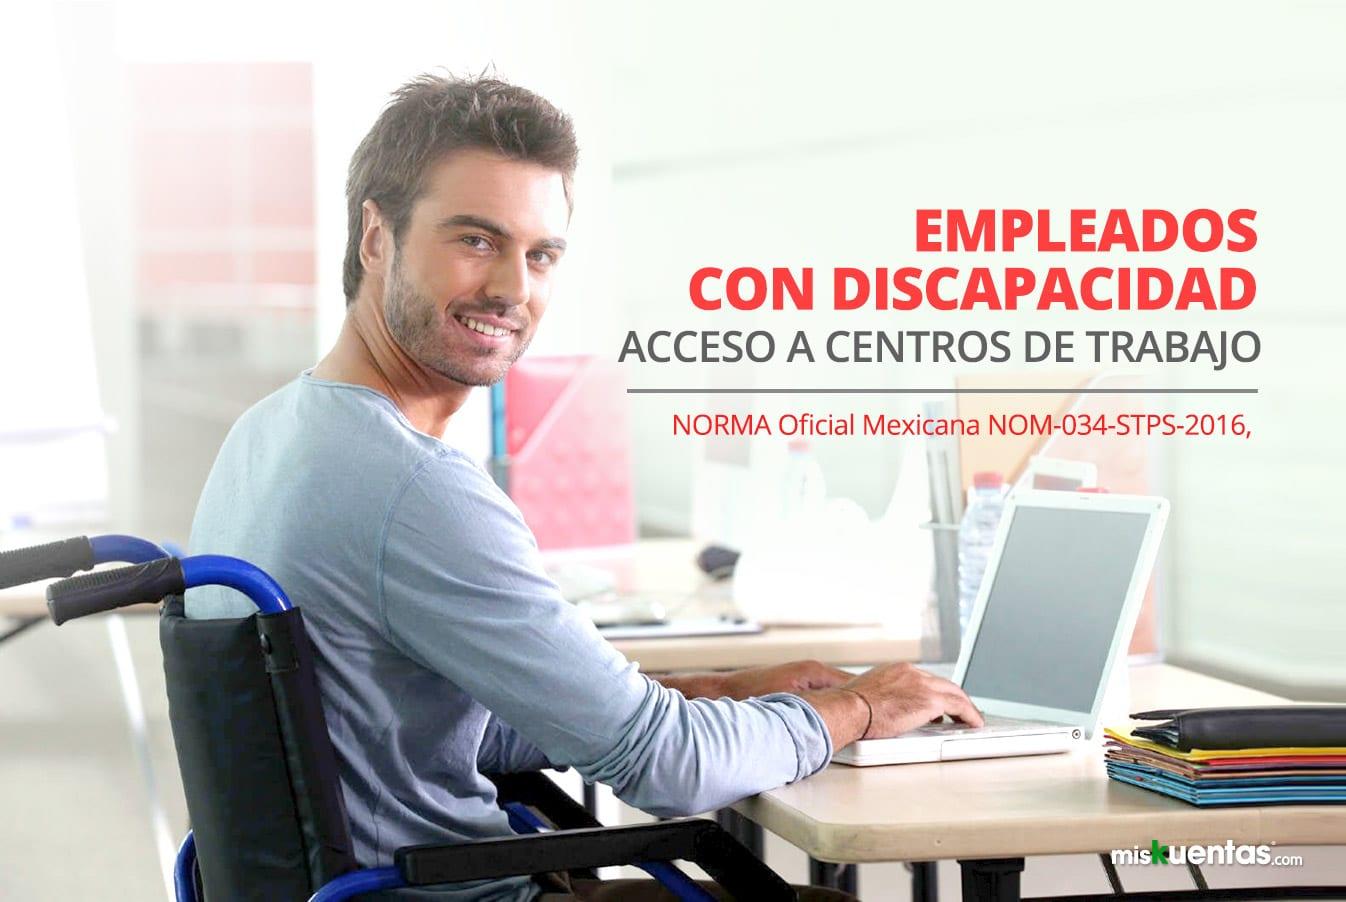 08-11-16-Empleados-Con-Discpacaidad (1)